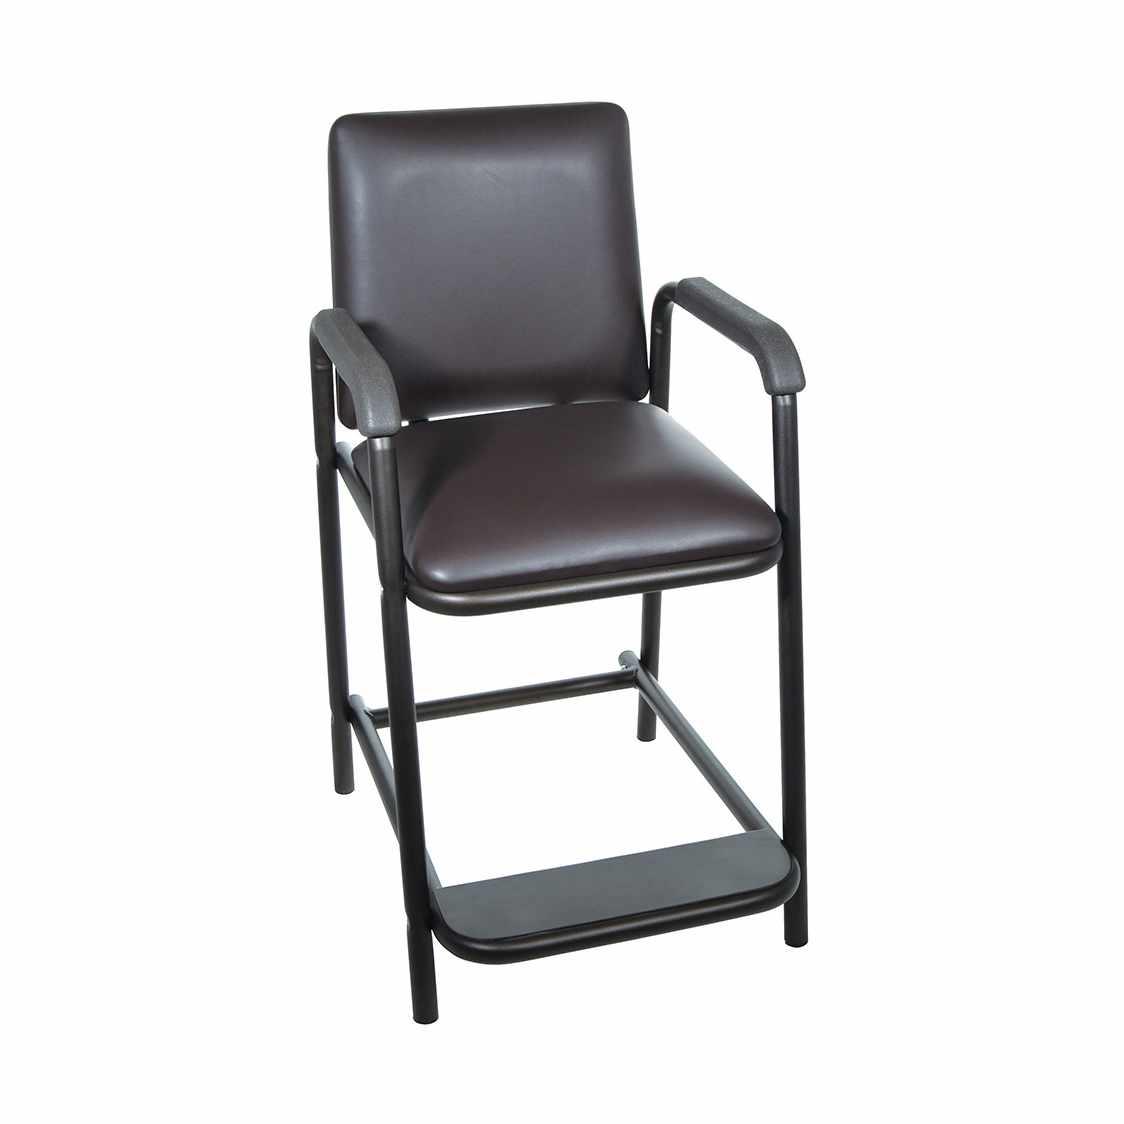 Drive medical steel hip-high chair